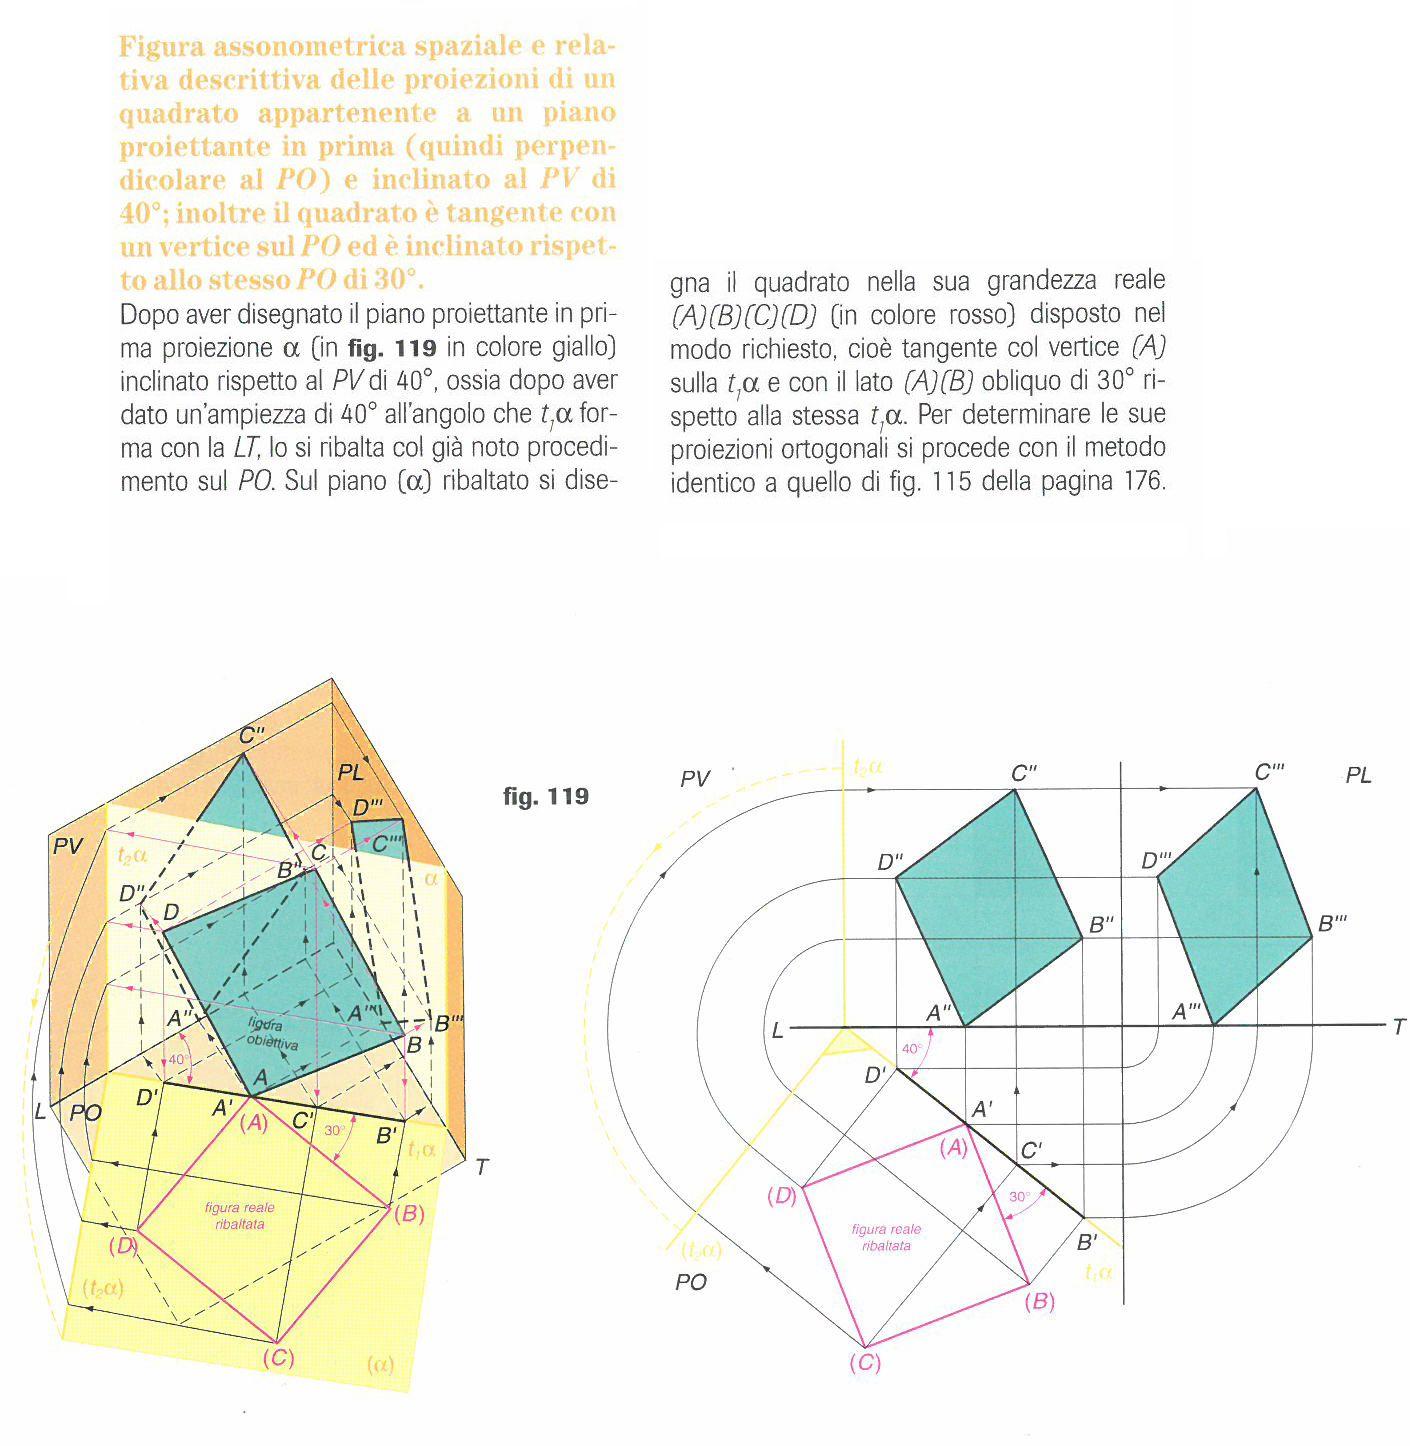 proiezioni quadrato inclinato rispetto al PO